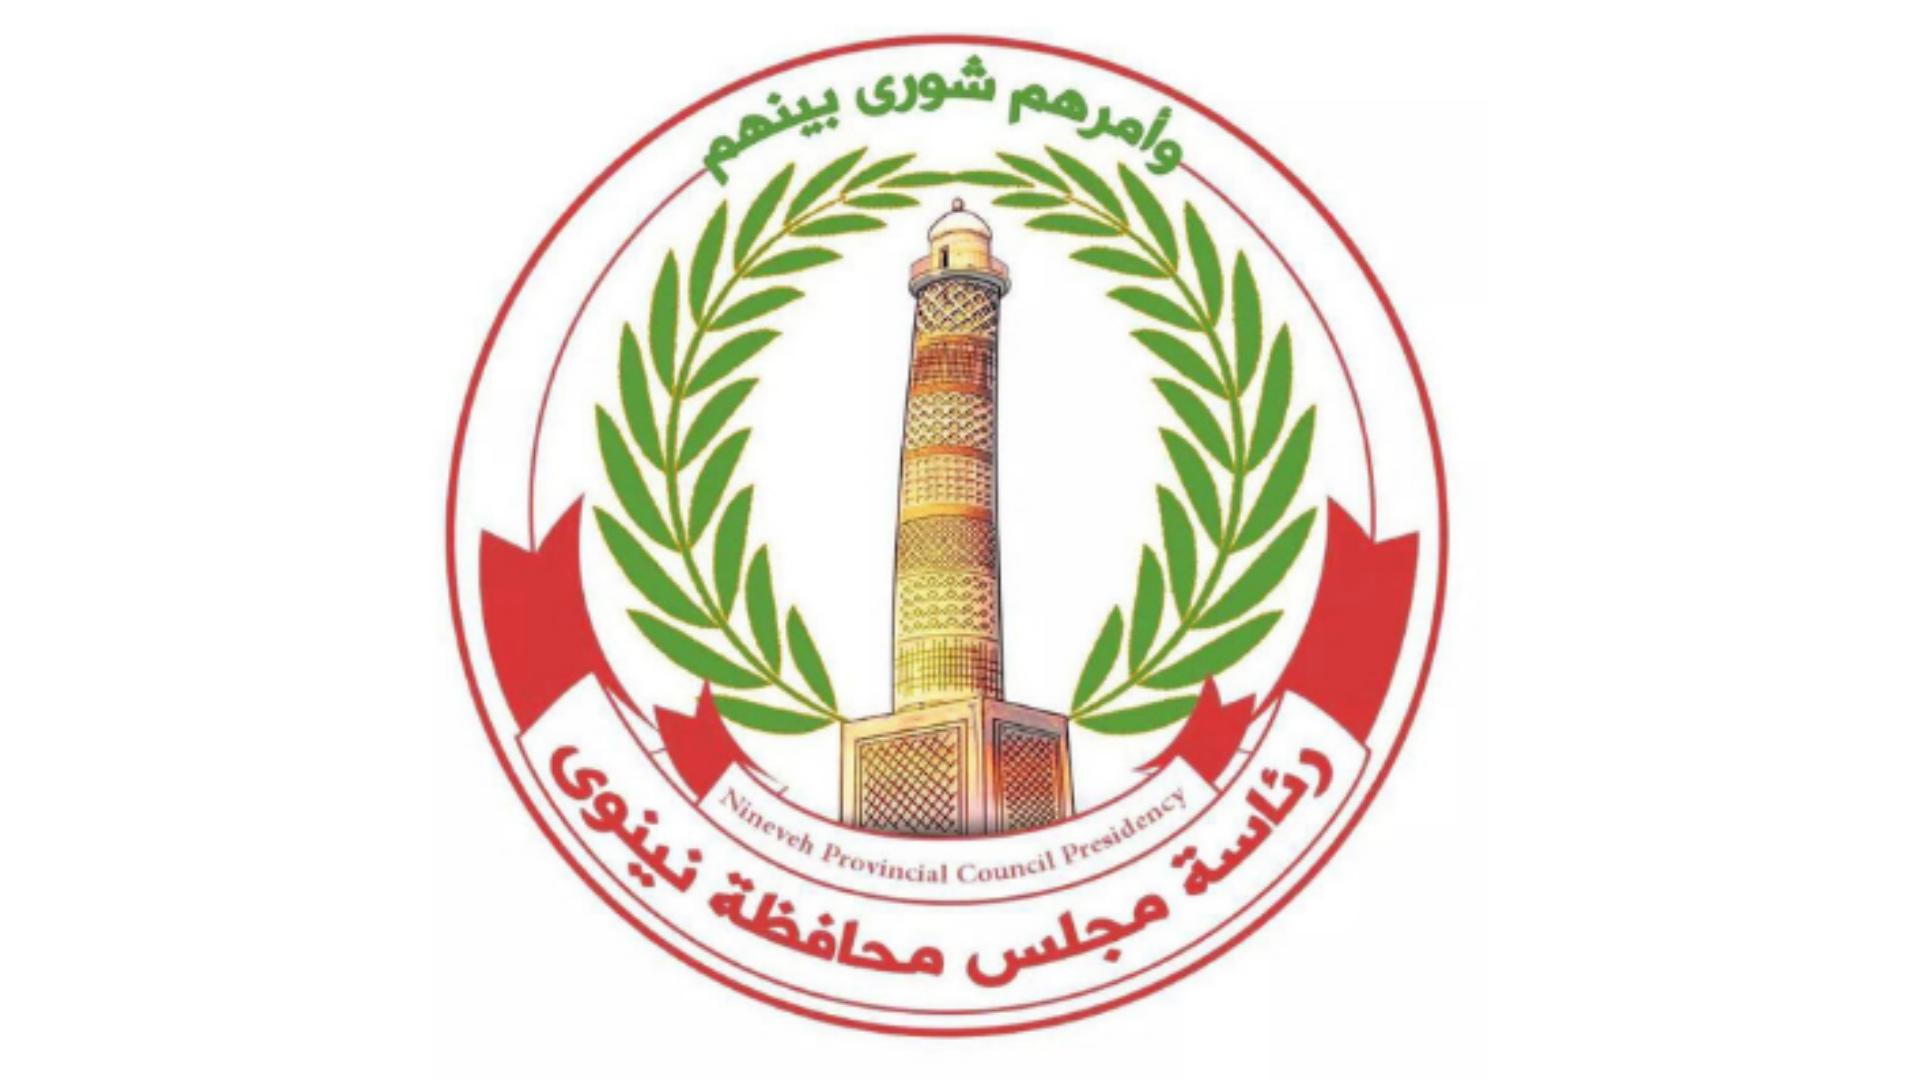 بدء العمل في مطار الموصل الدولي ومستشفى جديد أيمن الموصل